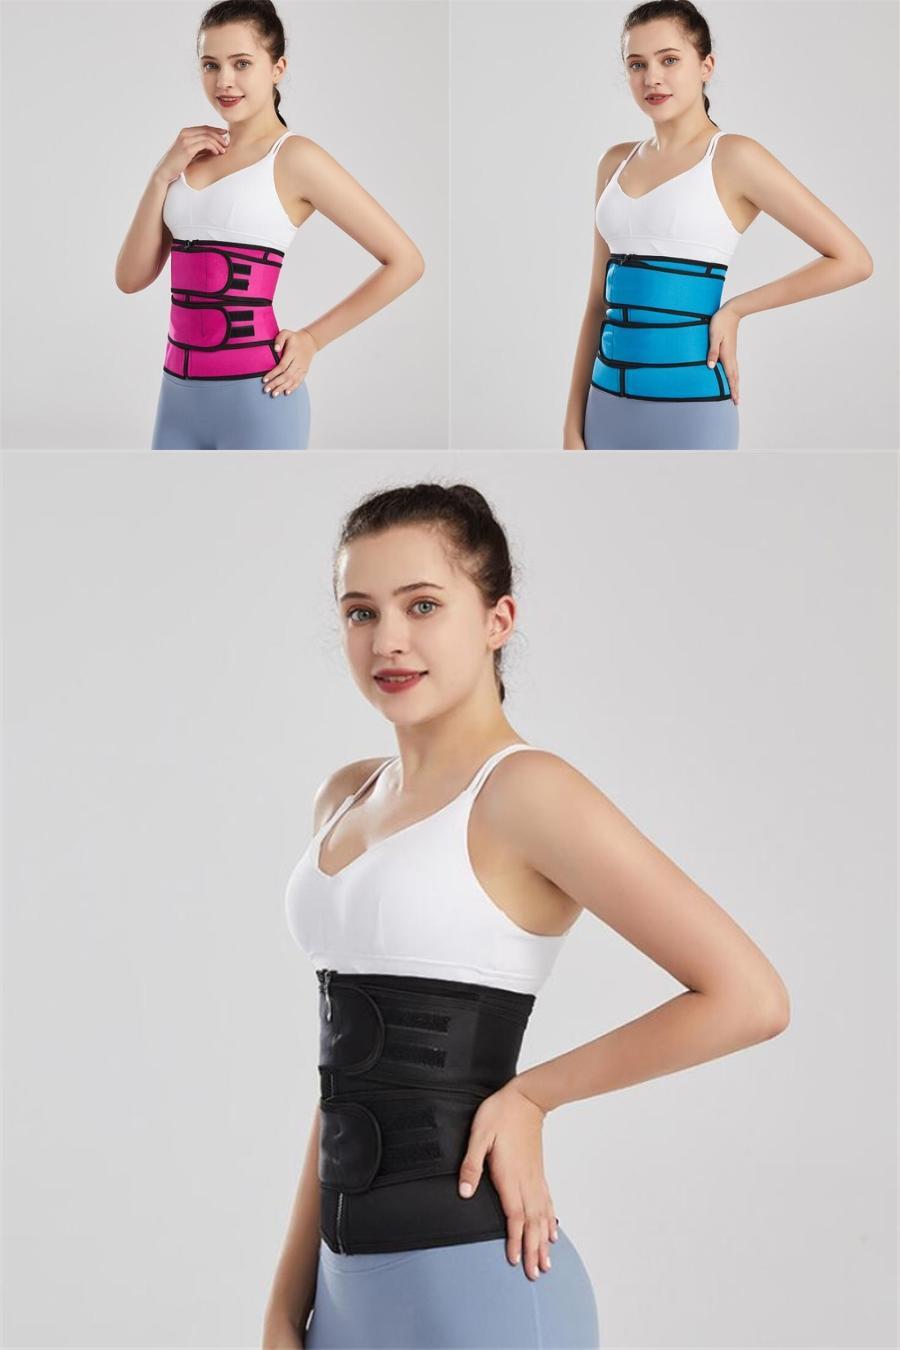 Femmes Ot Amincissant Shapers transparente Corset taille formateur Cincher amincissants Ot Body Shapers taille Ceintures # 694